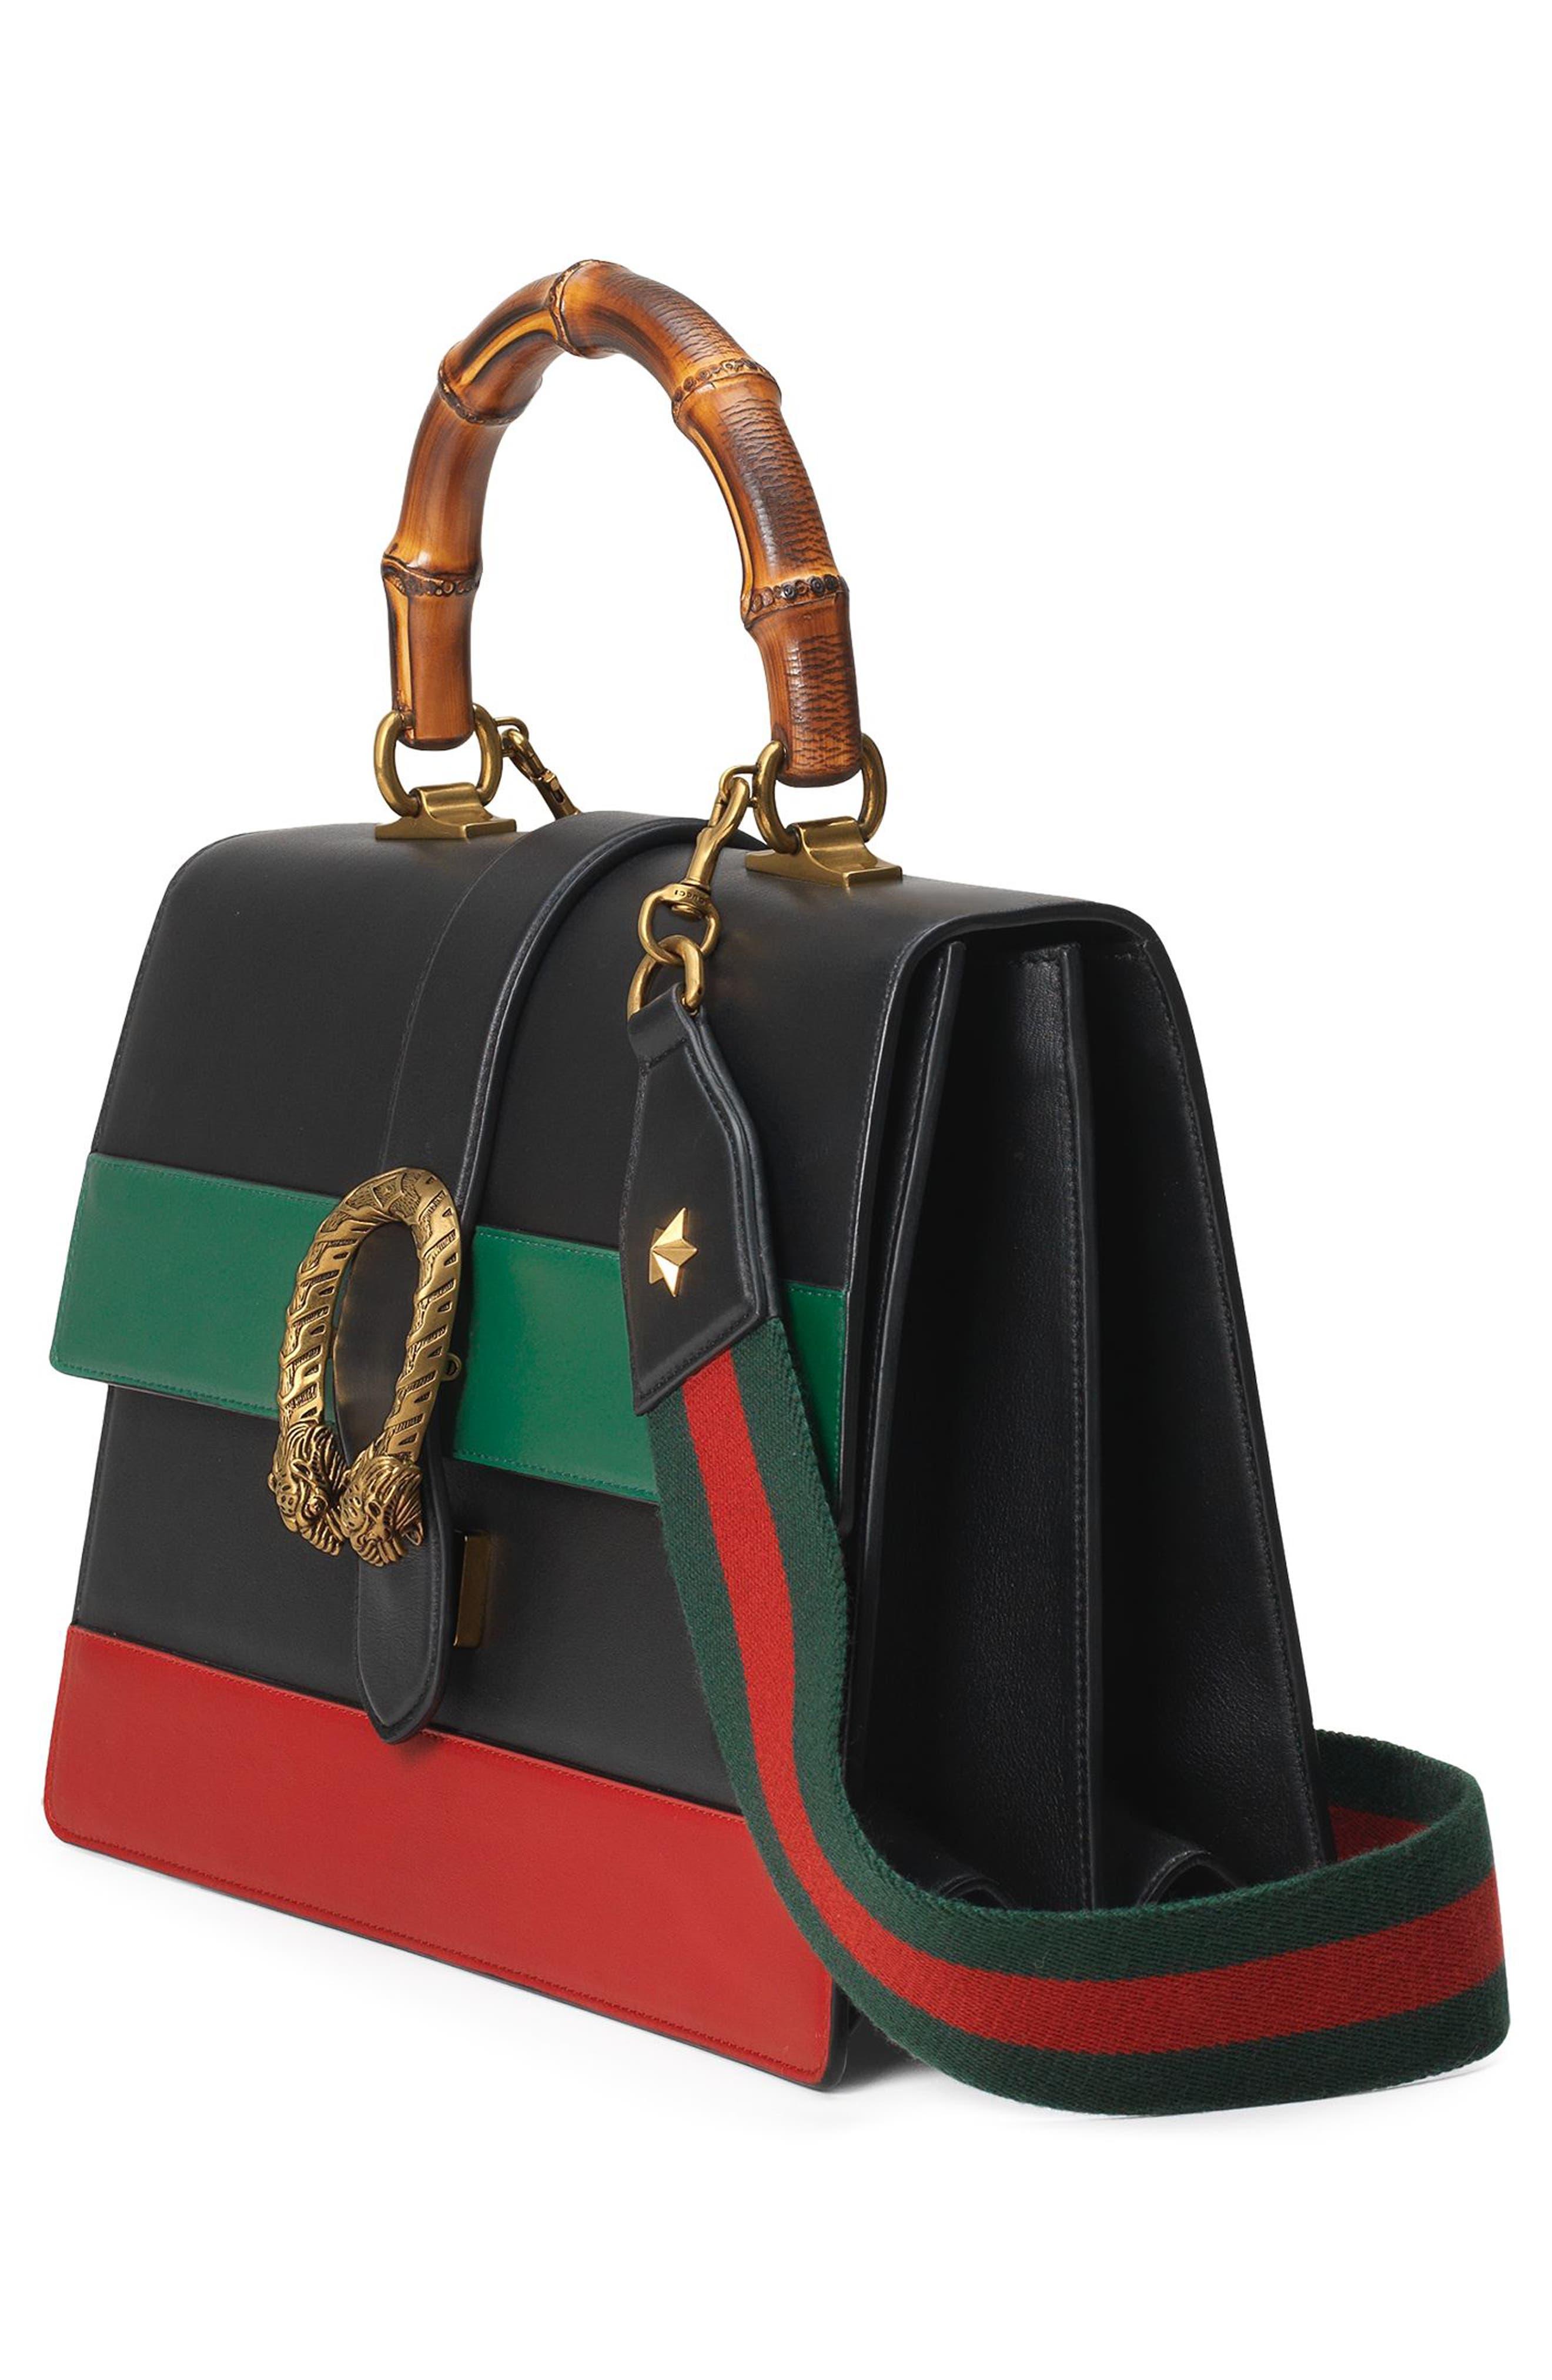 Alternate Image 4  - Gucci Large Dionysus Top Handle Leather Shoulder Bag